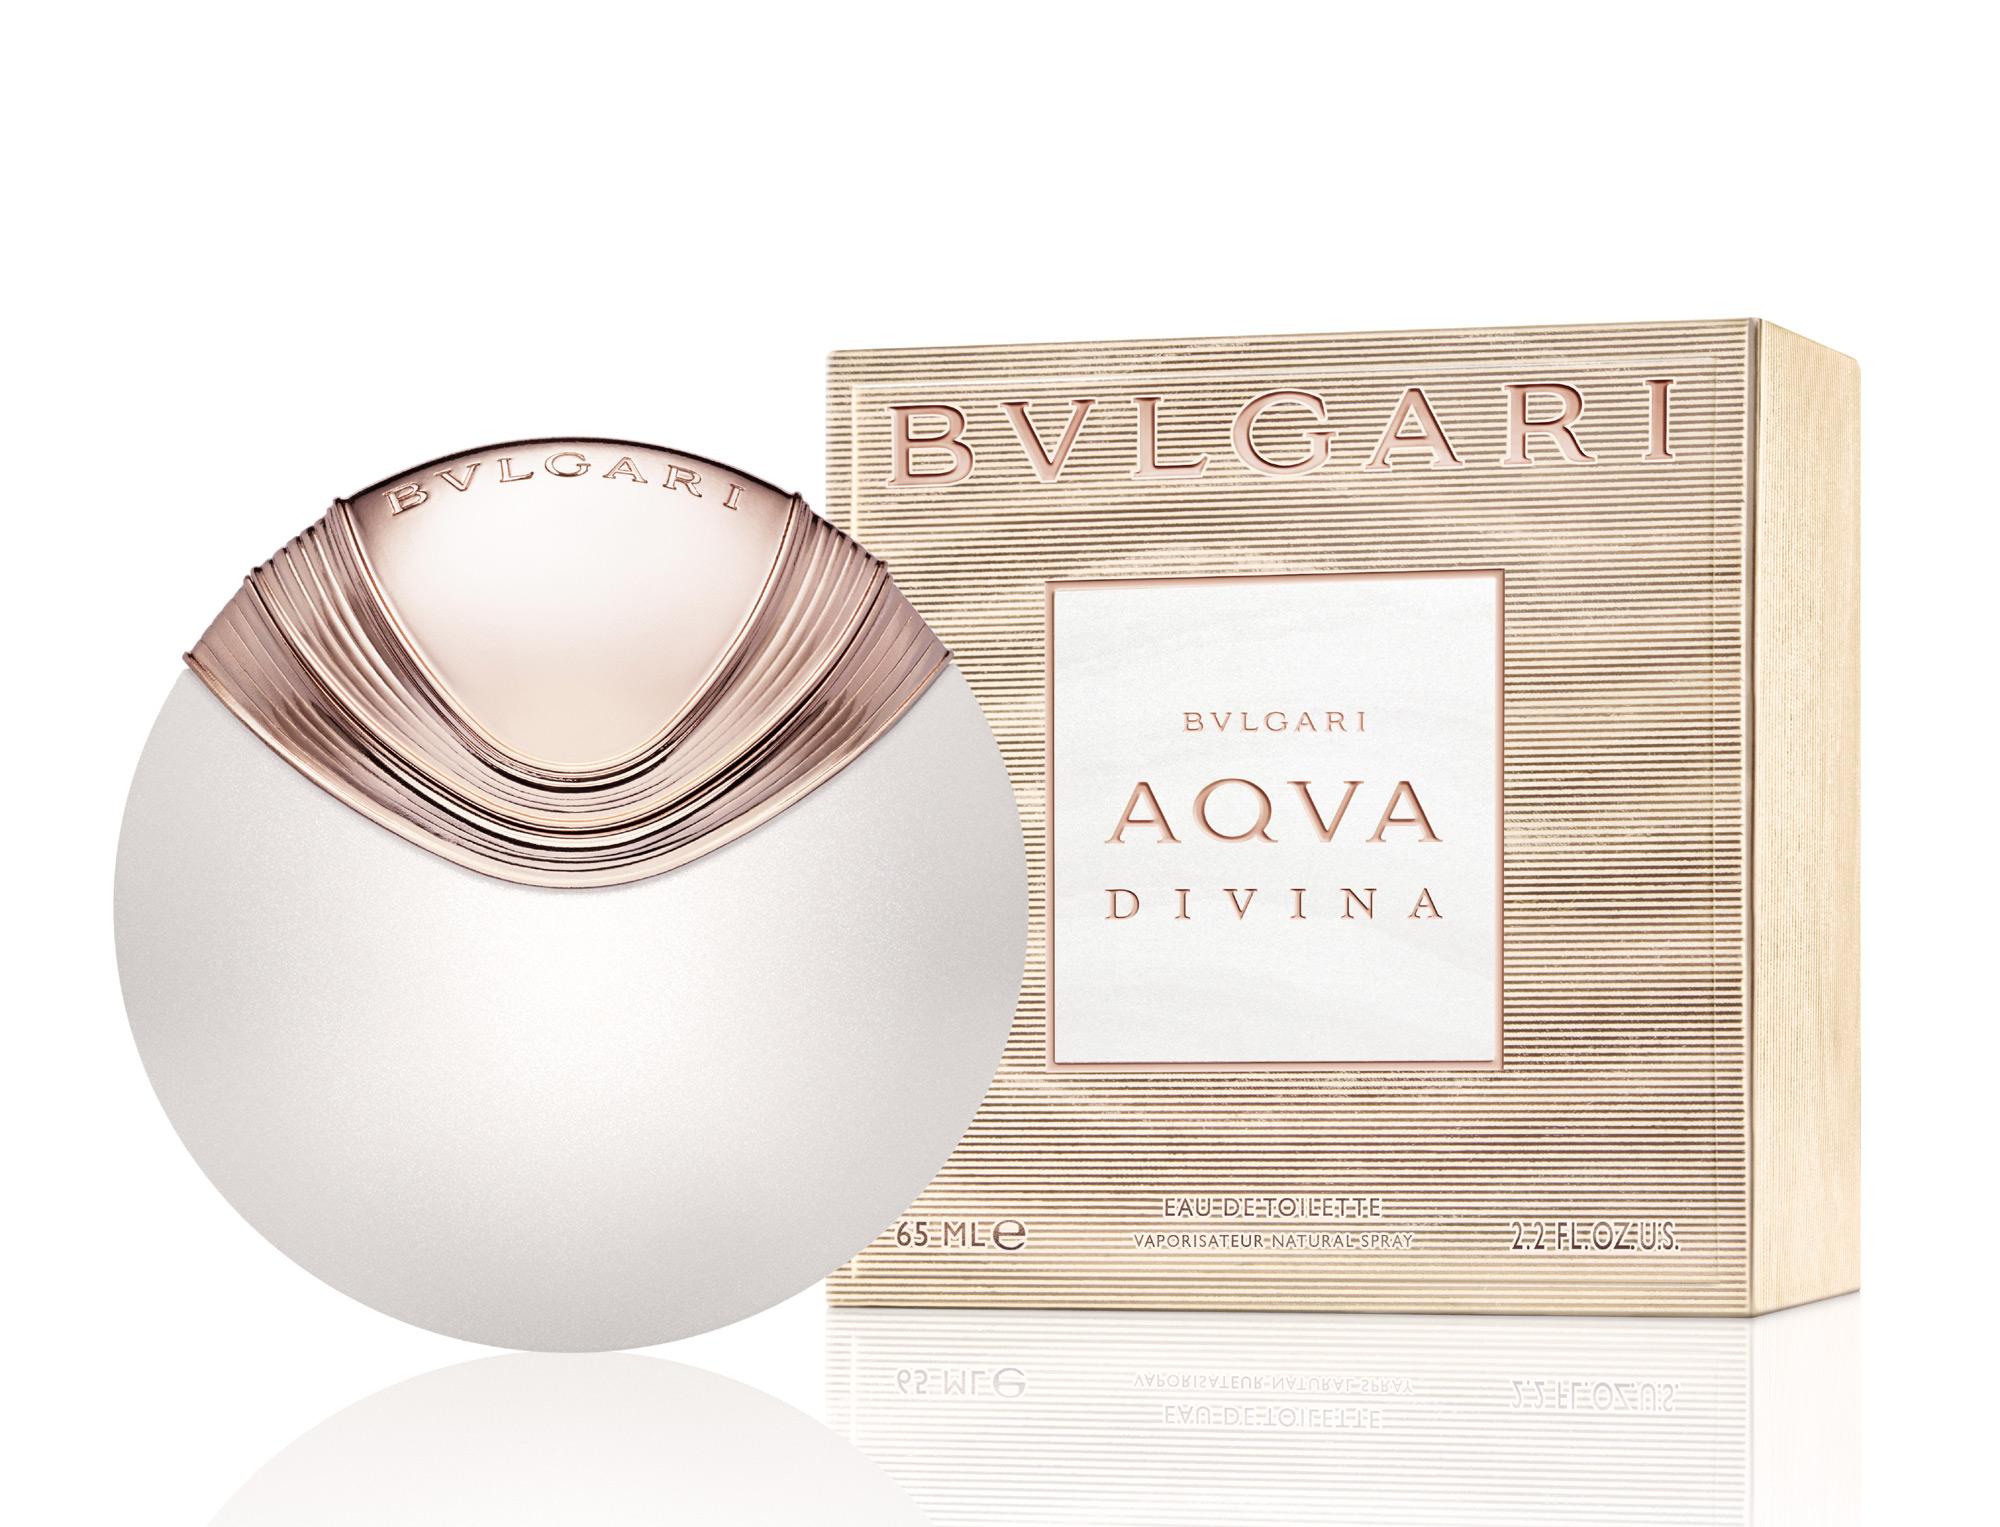 Bvlgari Aqva Divina 65 ml. กล่องซีล